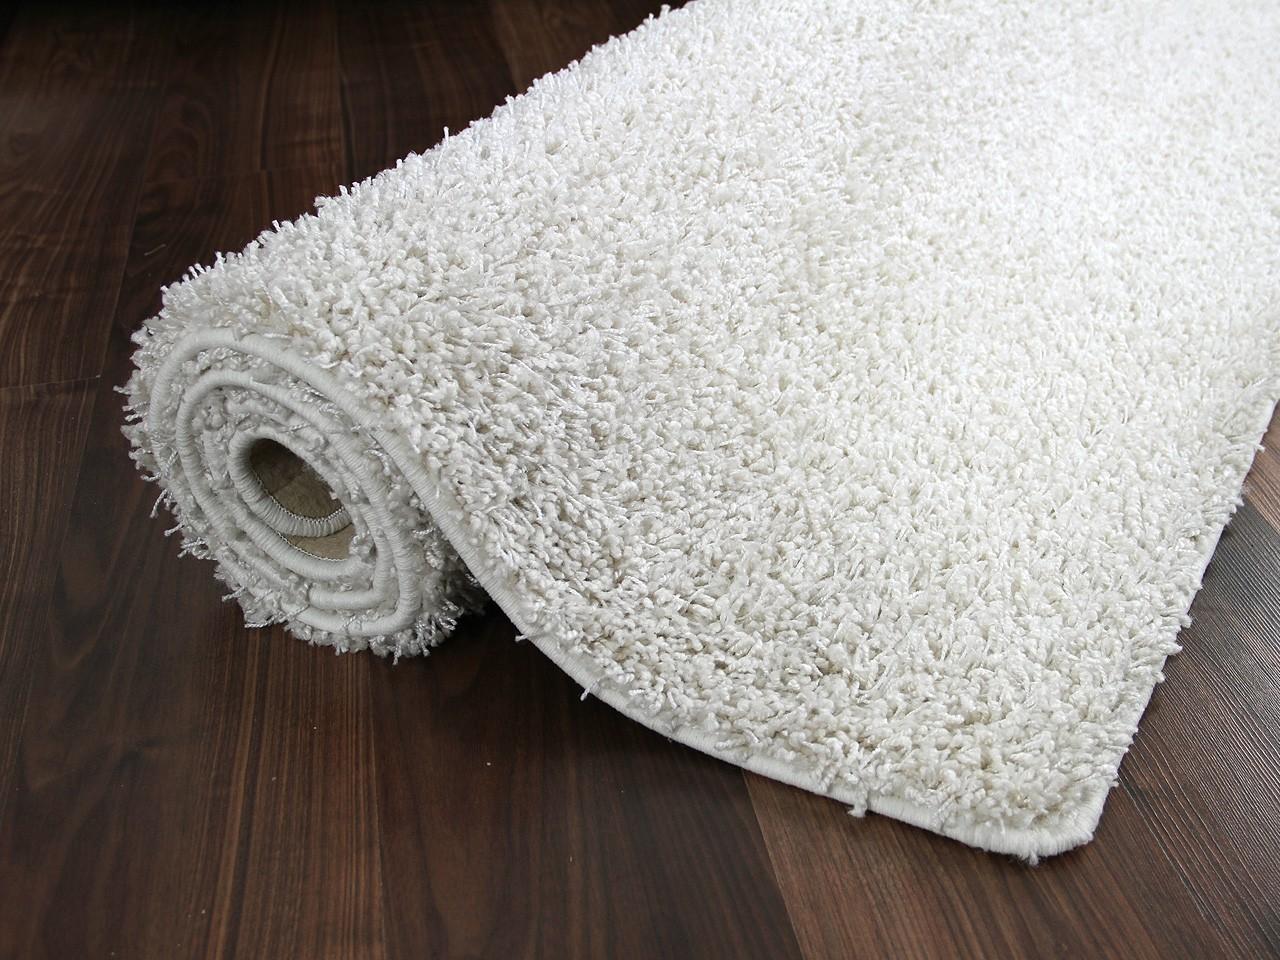 hochflor shaggy teppich dream wei abverkauf teppiche. Black Bedroom Furniture Sets. Home Design Ideas